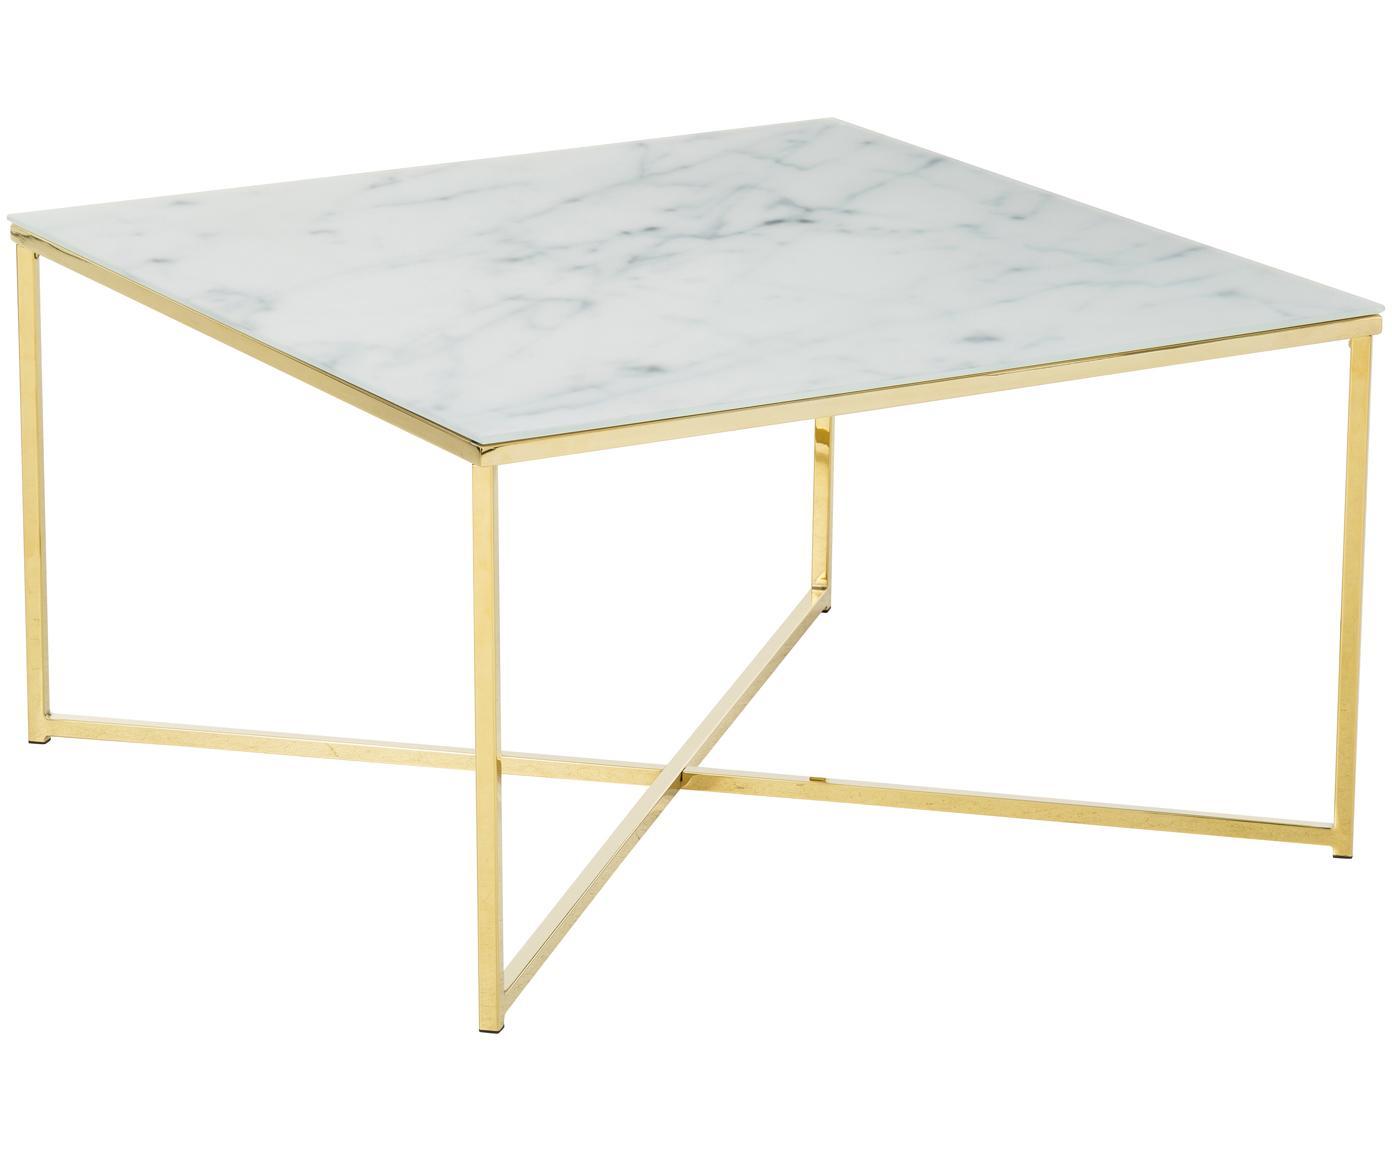 Salontafel Aruba met gemarmerde glazen tafelblad, Tafelblad: mat bedrukt veiligheidsgl, Frame: vermessingd staal, Wit, messingkleurig, 80 x 45 cm